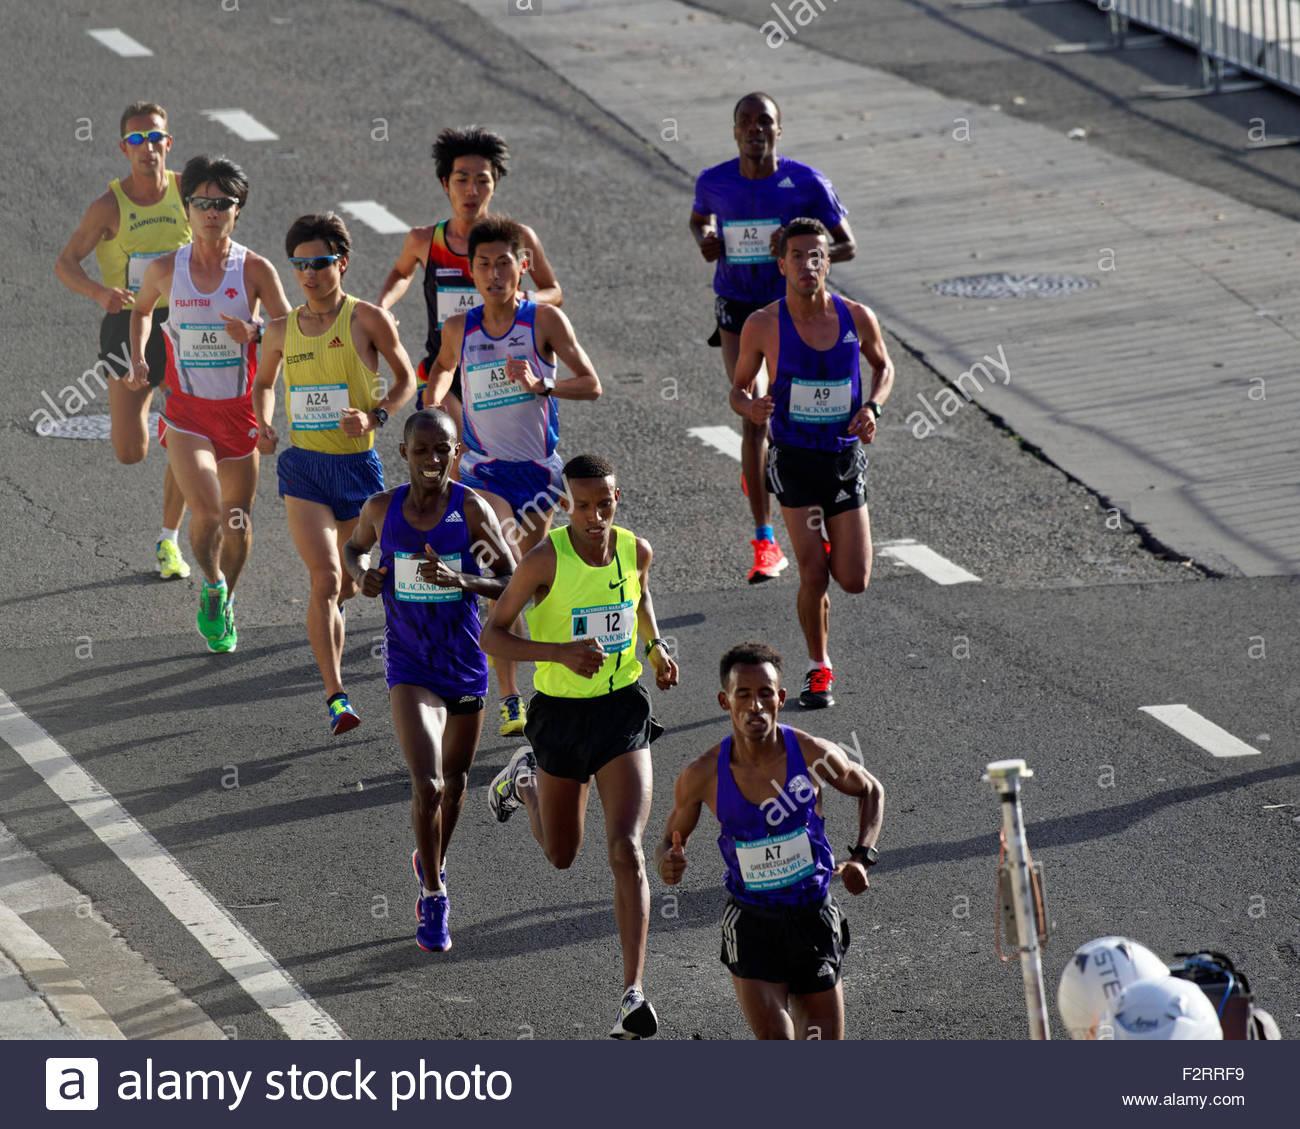 Elite Marathon Runners Stockfotos & Elite Marathon Runners Bilder ...